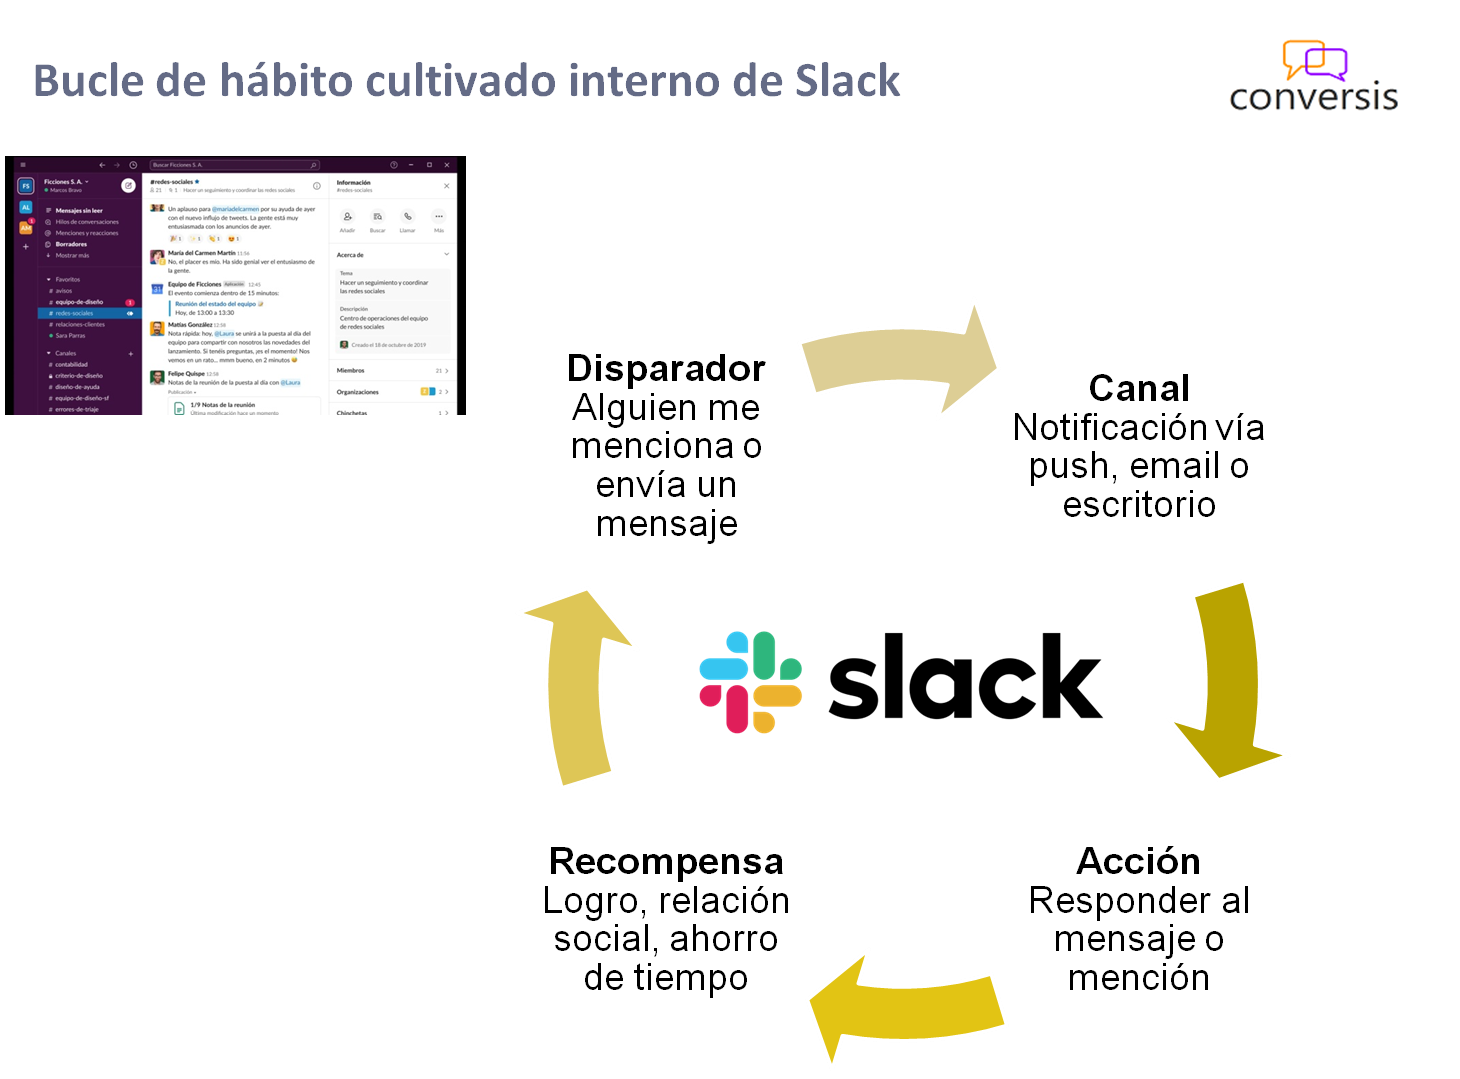 Bucle de hábito cultivado interno de Slack